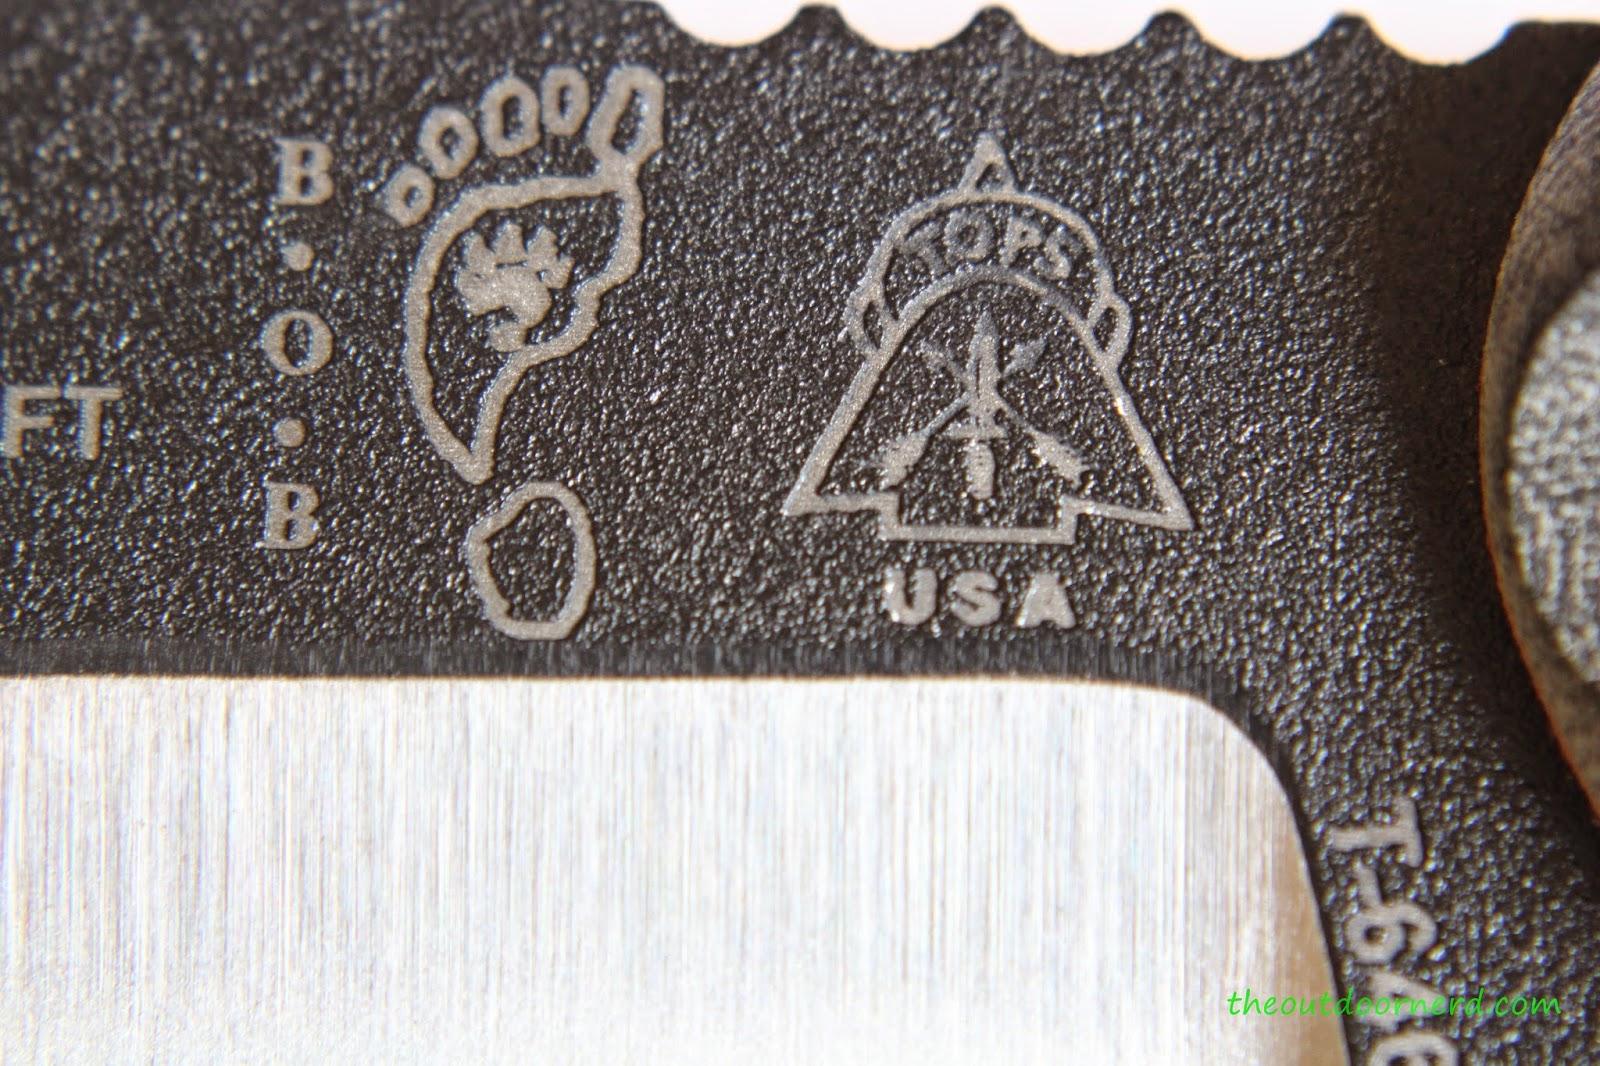 Tops Fieldcraft Fixed Blade Knife: Logo Closeup